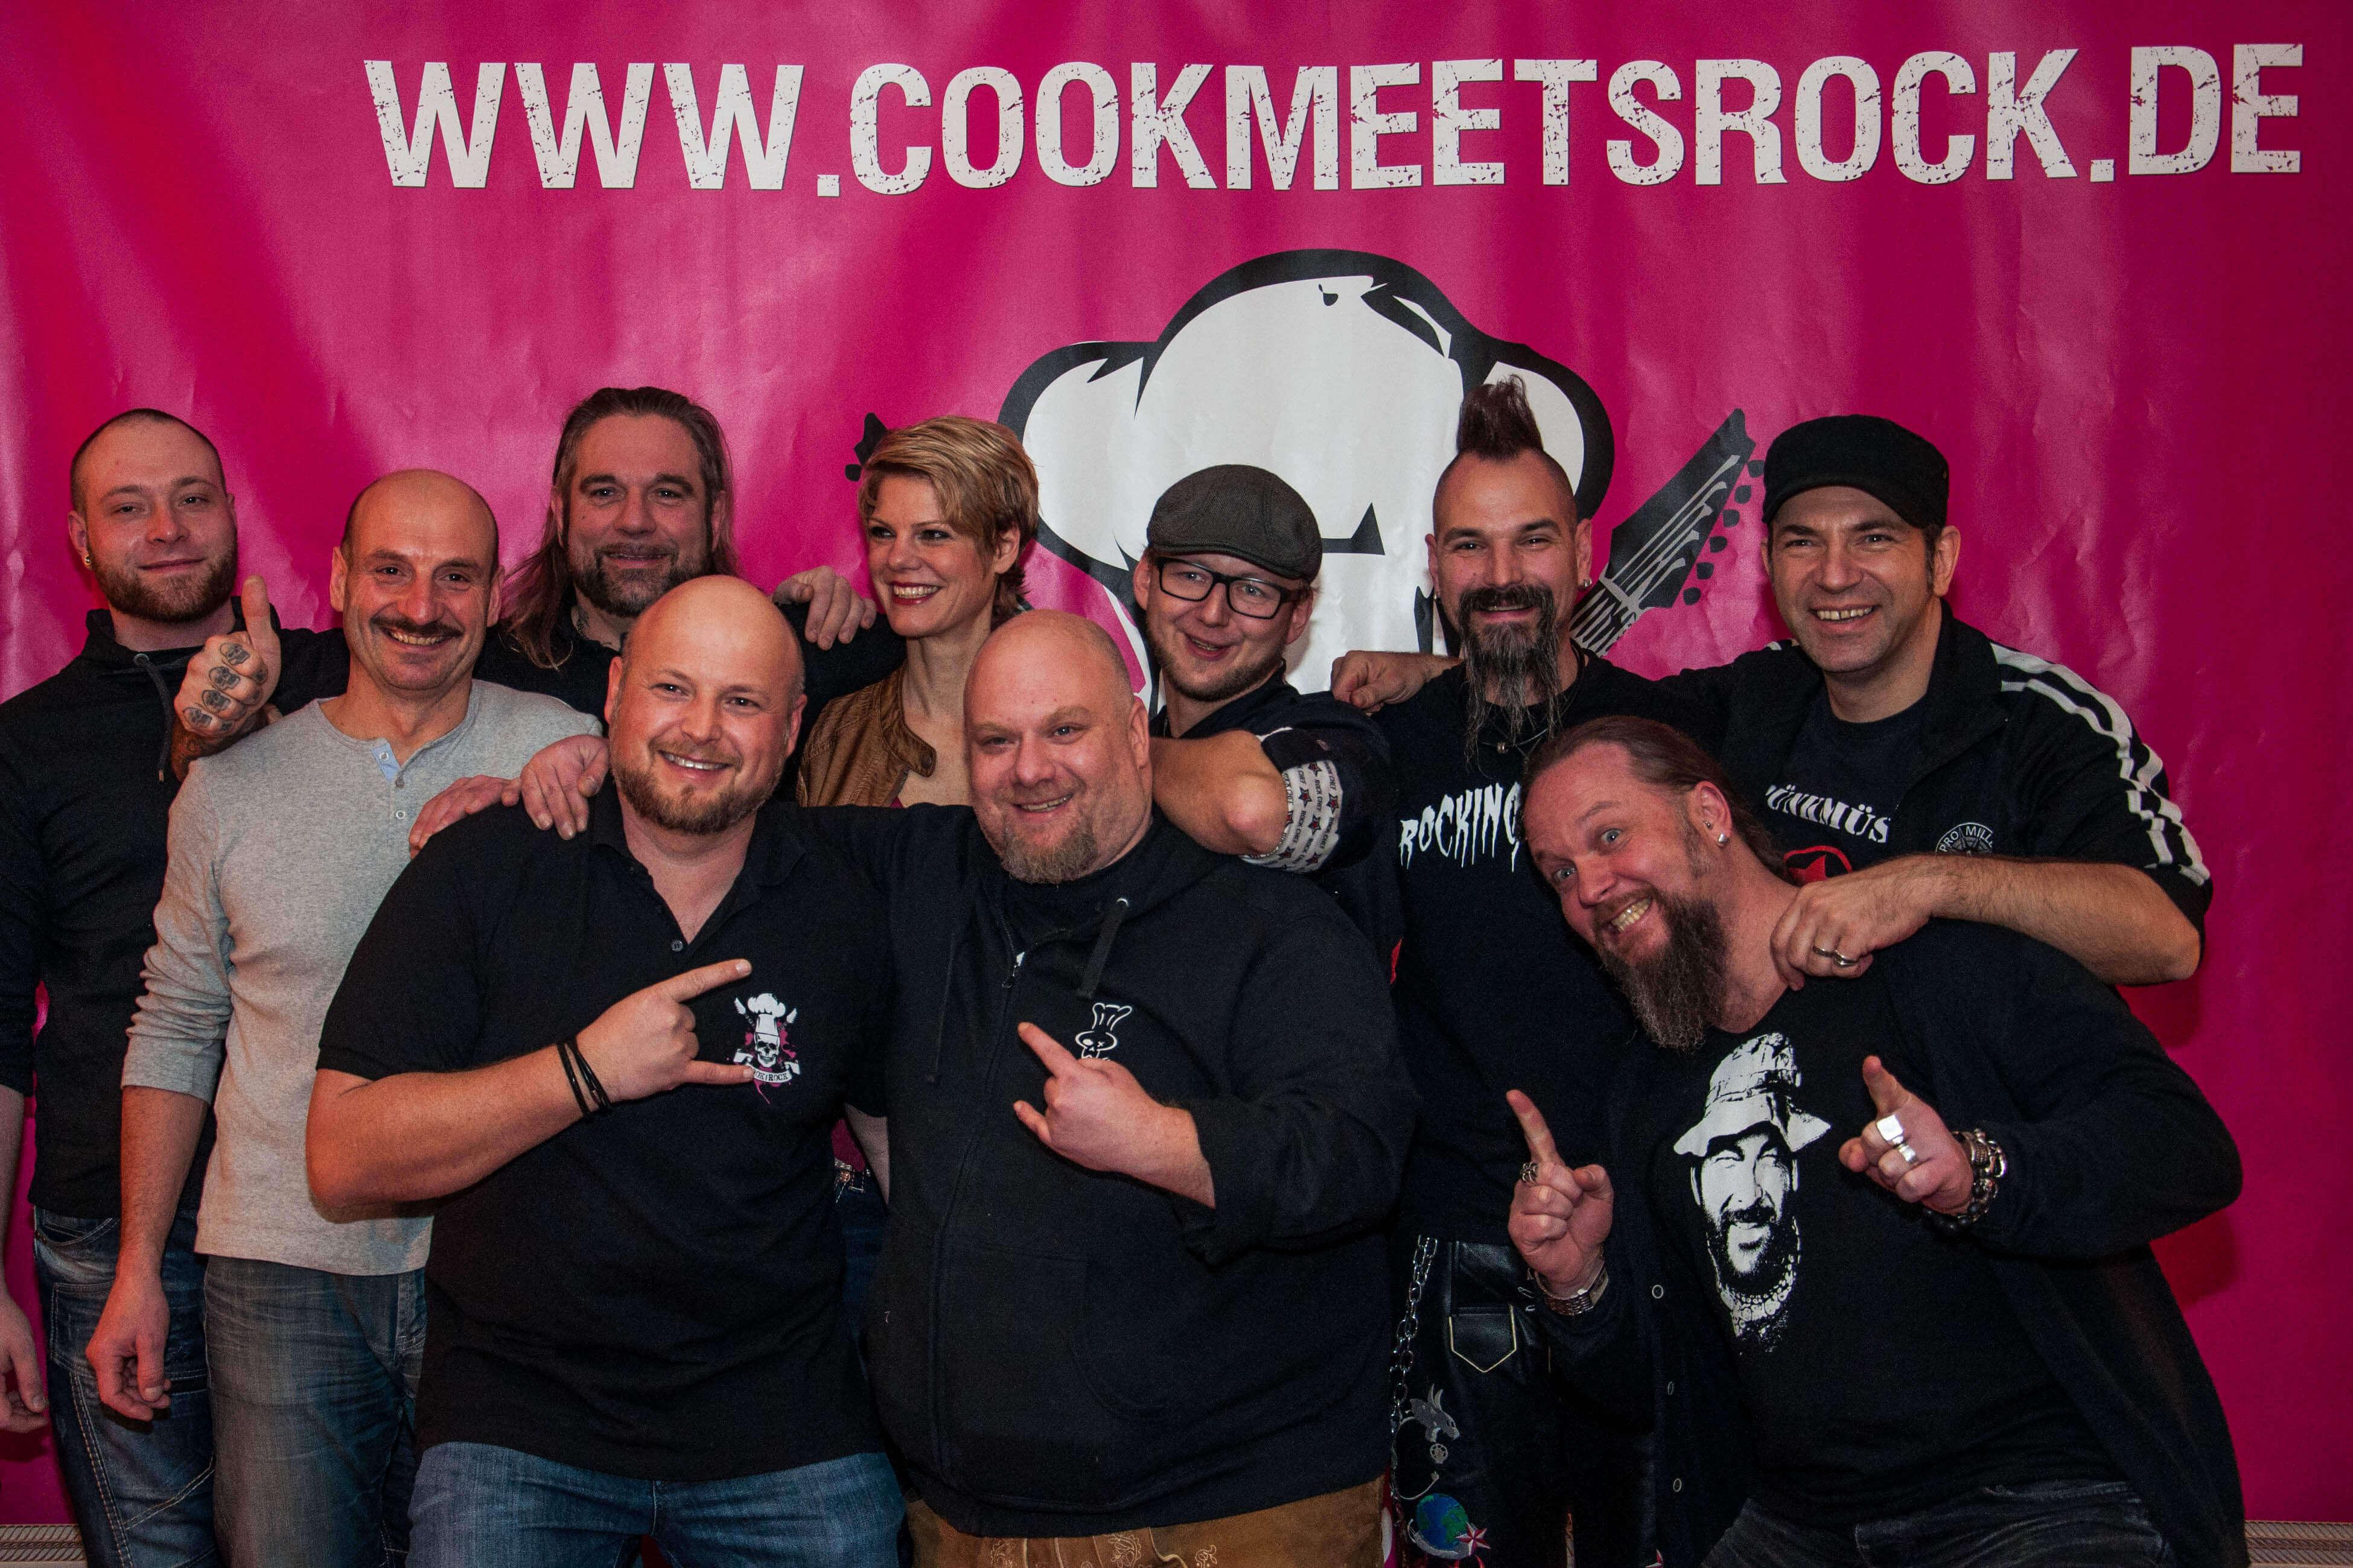 Cookmeetsrock gewinnspiel